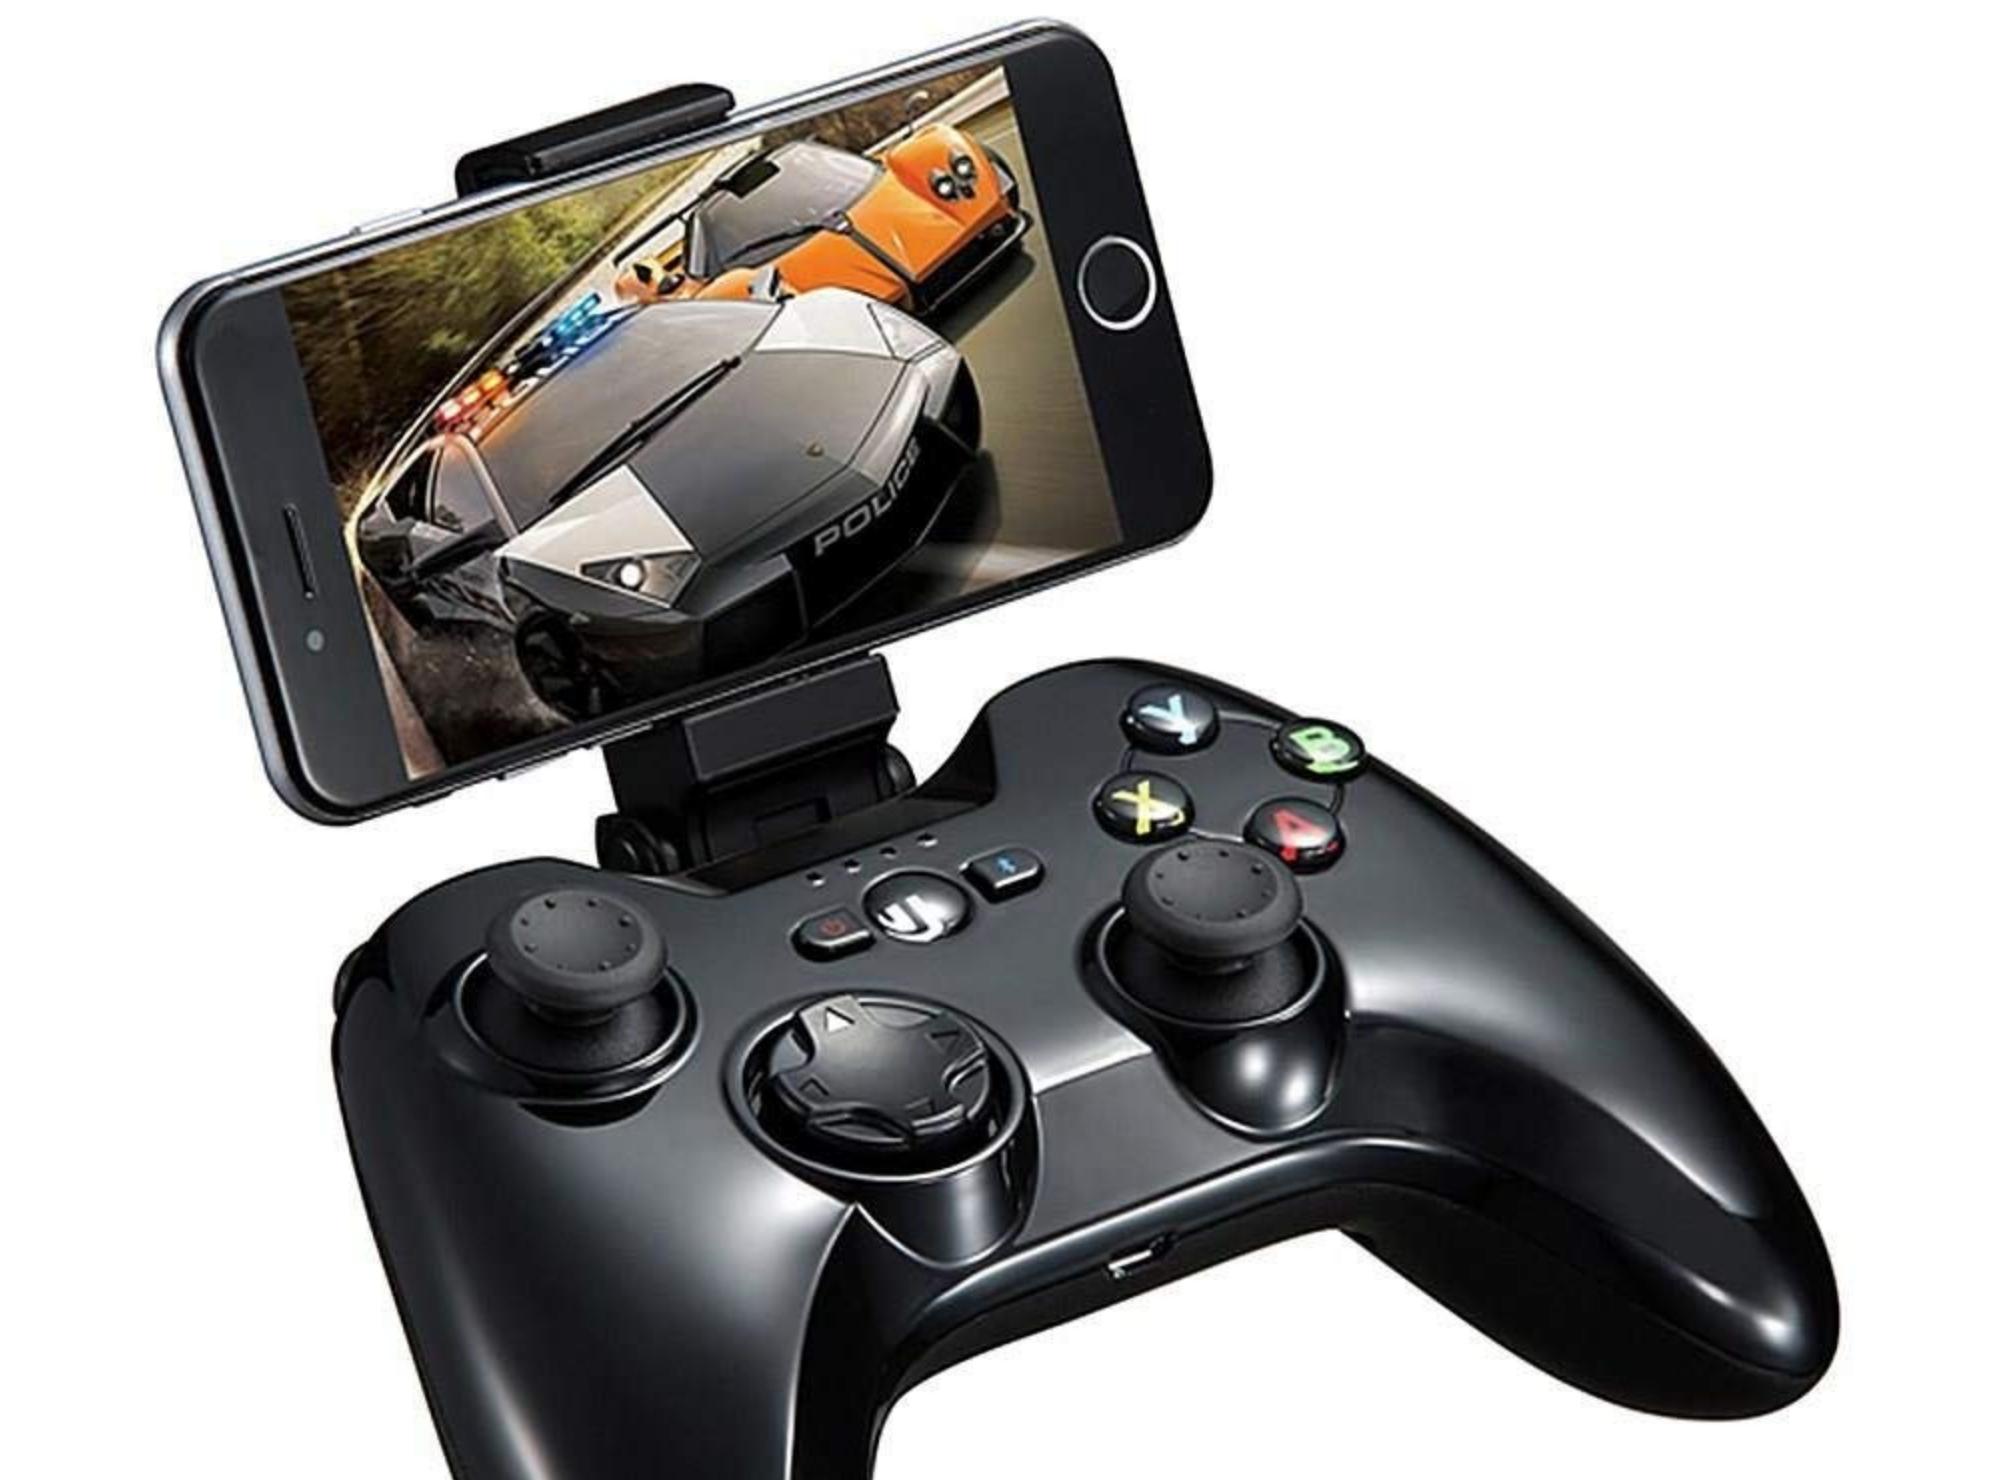 (En promo flash) Test lecteur : photos et avis sur la manette PXN-6603 pour iPhone et iPad (certifiée MFi) 1